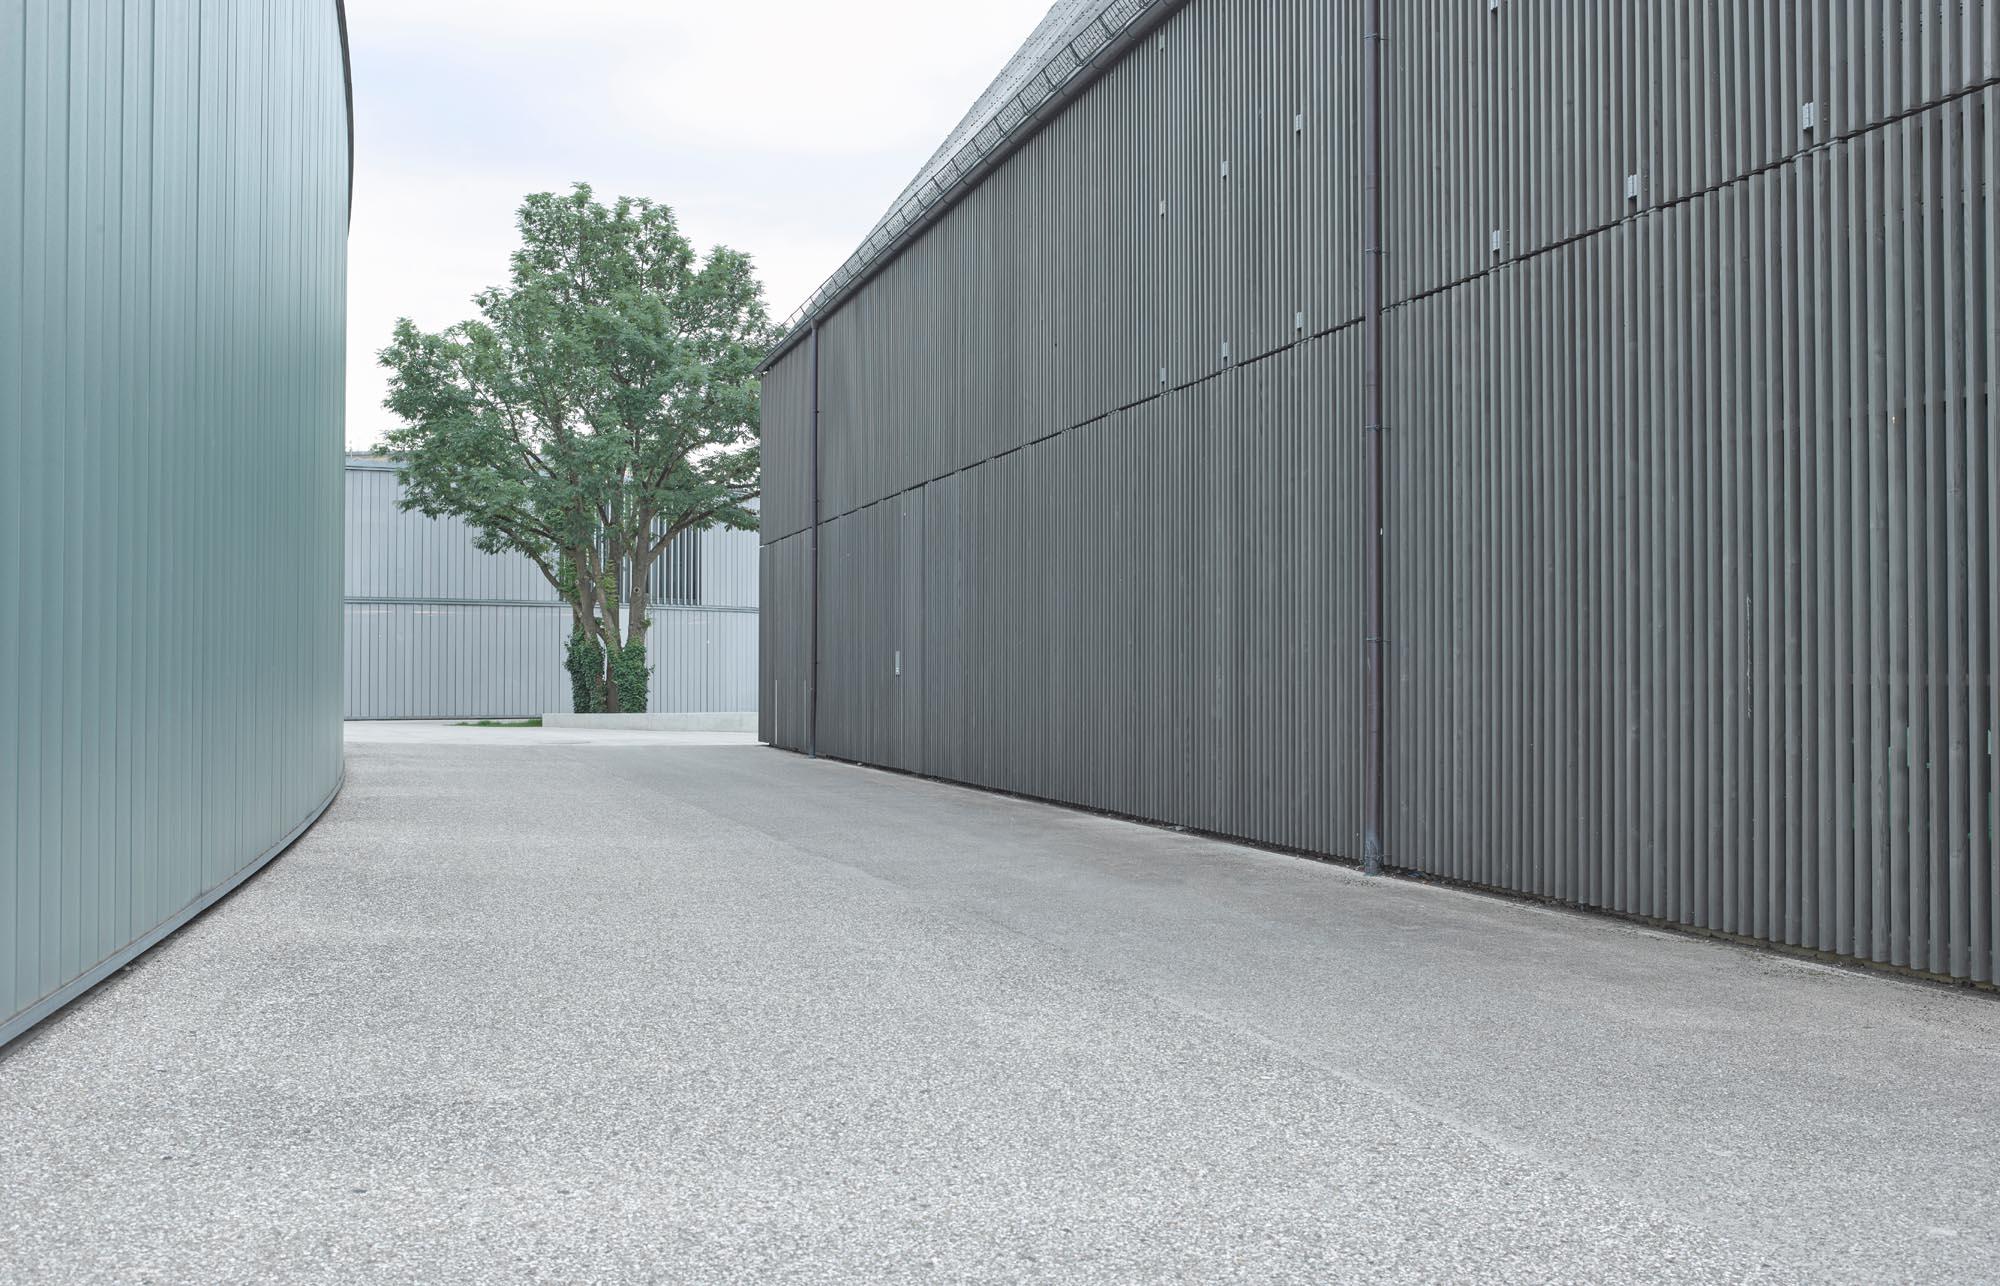 OPC 160622 10368 - Galerie Stihl Waiblingen: Außenansichten aus sechs Perspektiven und vier Jahreszeiten